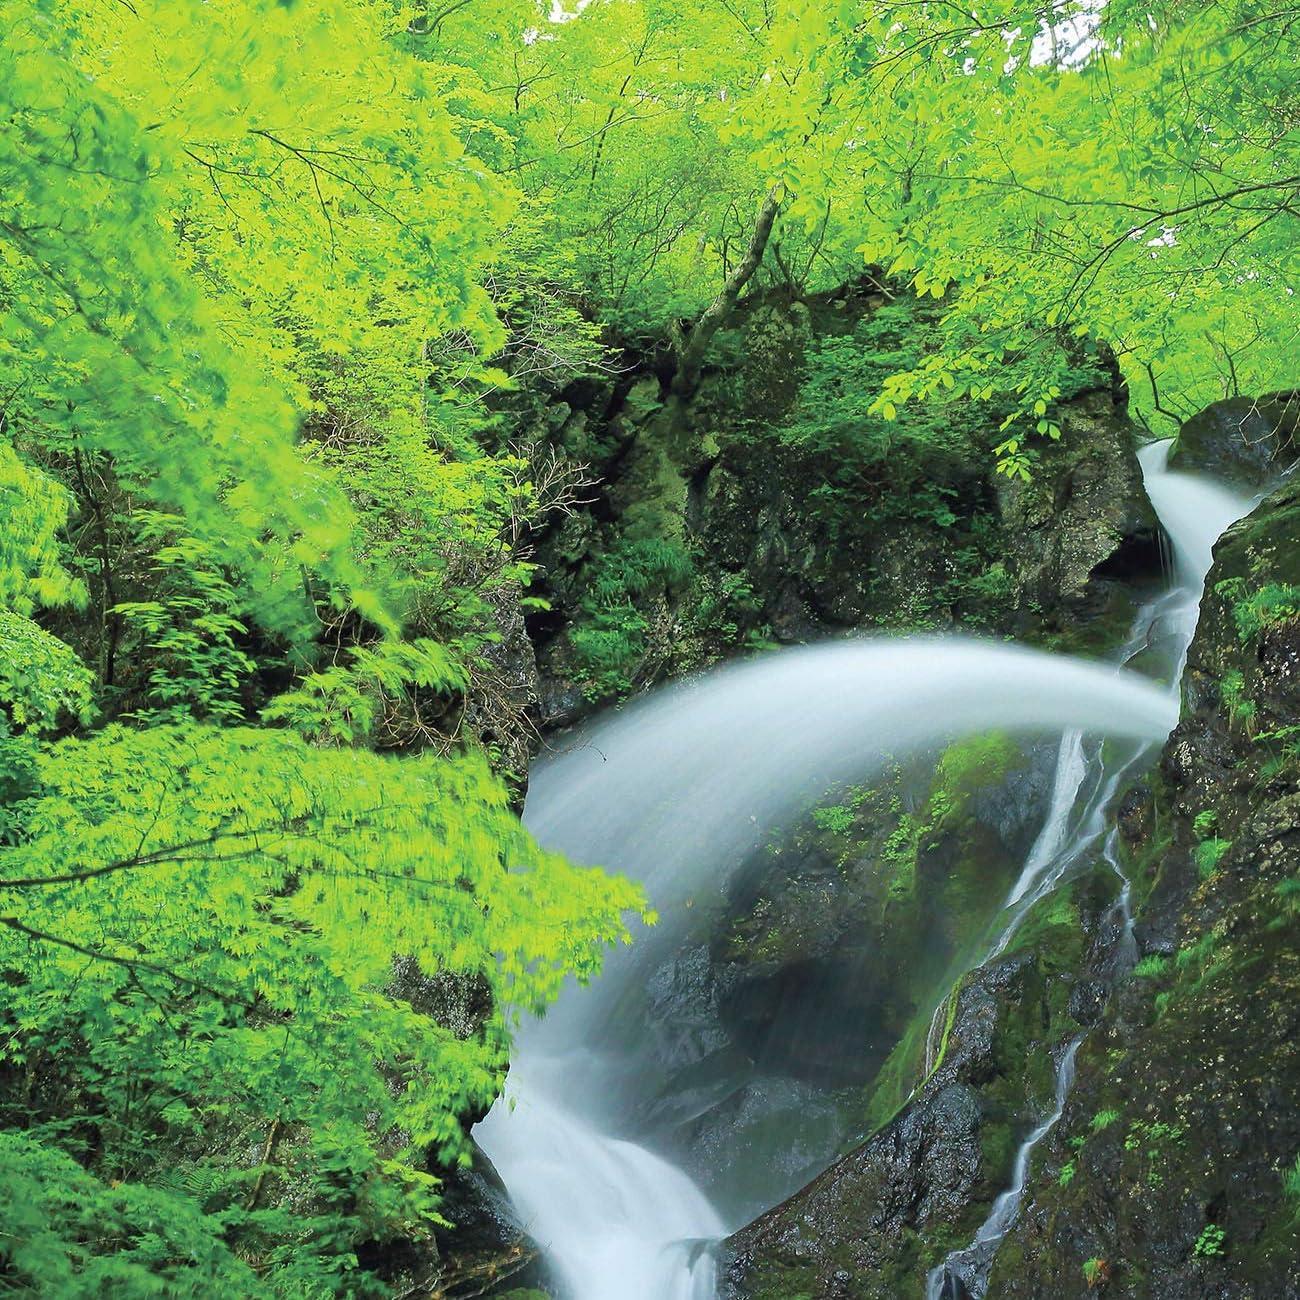 森 Ipad壁紙 幾重にも折れて滝壺に入る七折の滝 自然が生み出す美しい